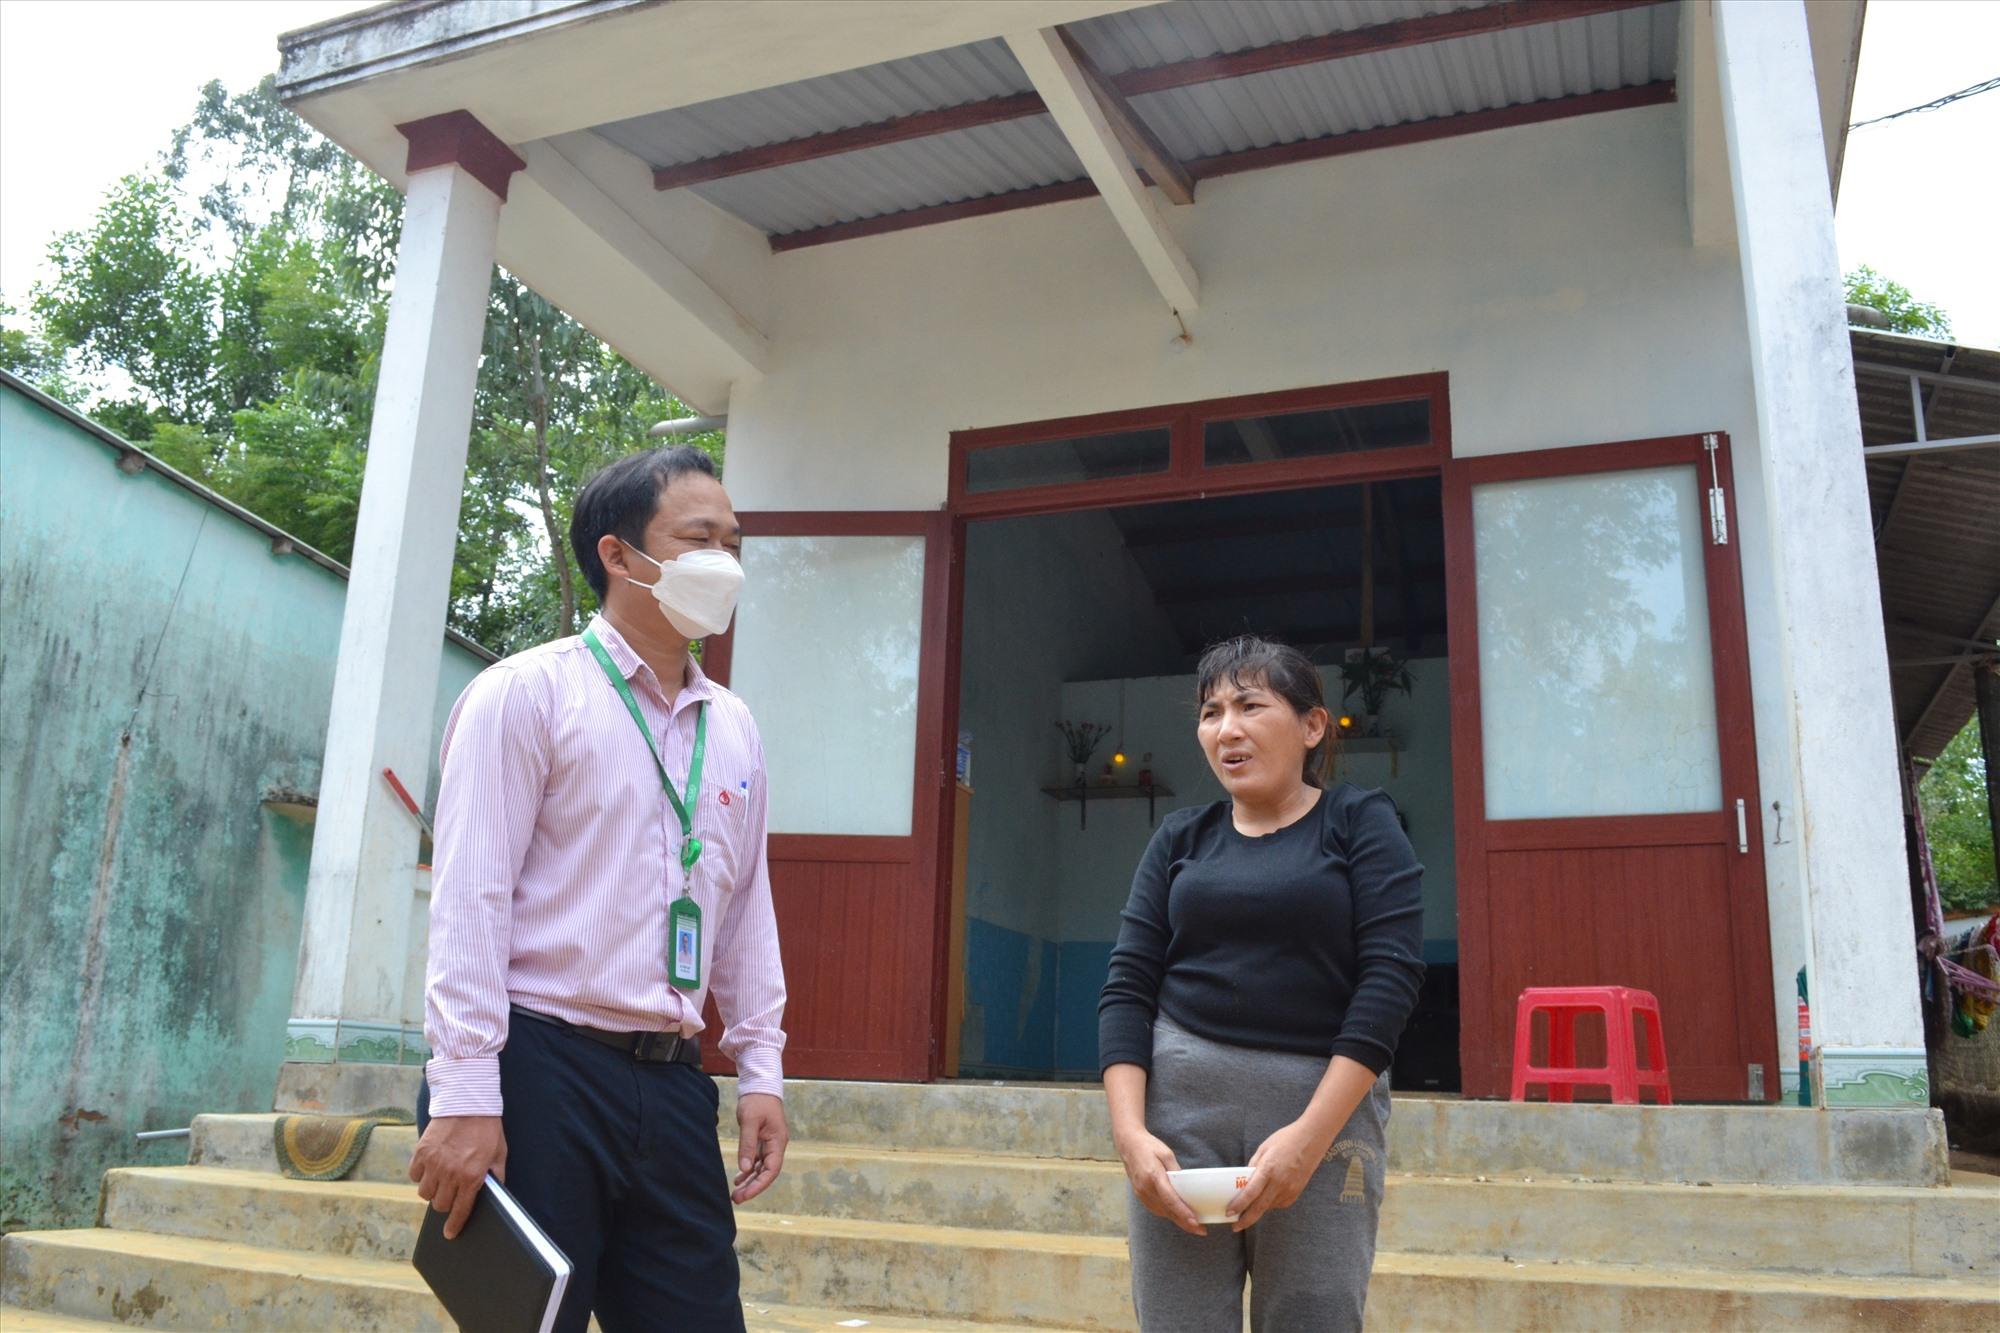 Cán bộ Phòng giao dịch Ngân hàng CSXH huyện Núi Thành trao đổi với bà Trần Nguyên Trinh về xây dựng mô hình kinh tế hiệu quả để thoát nghèo. Ảnh: VIỆT NGUYỄN